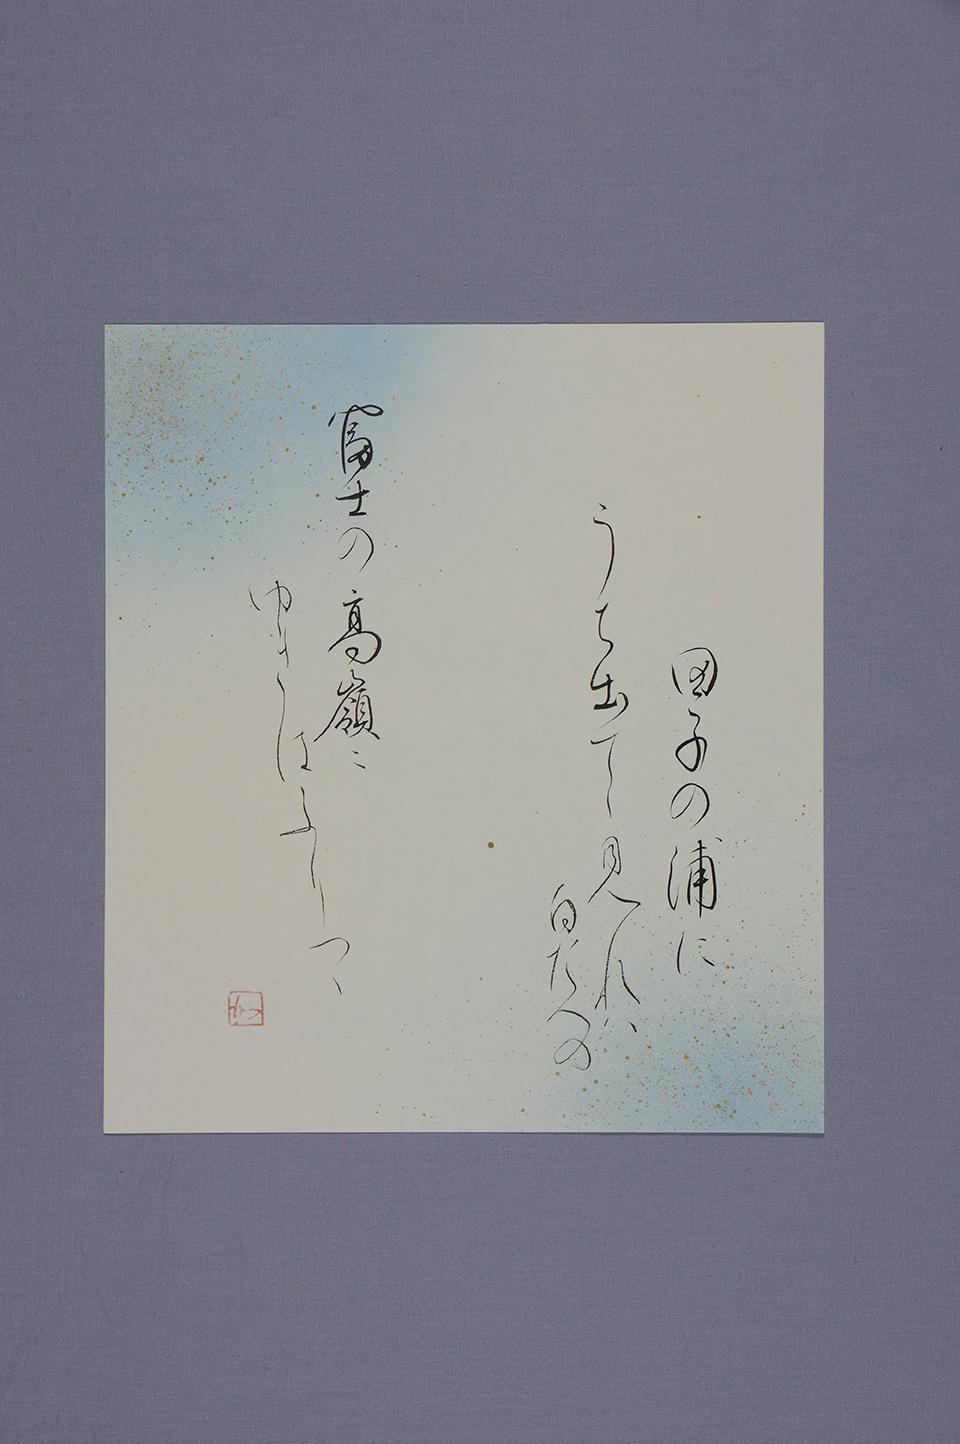 田子の浦に うち出てて見れば 白たへの 富士の高嶺に ゆきはふりつつ